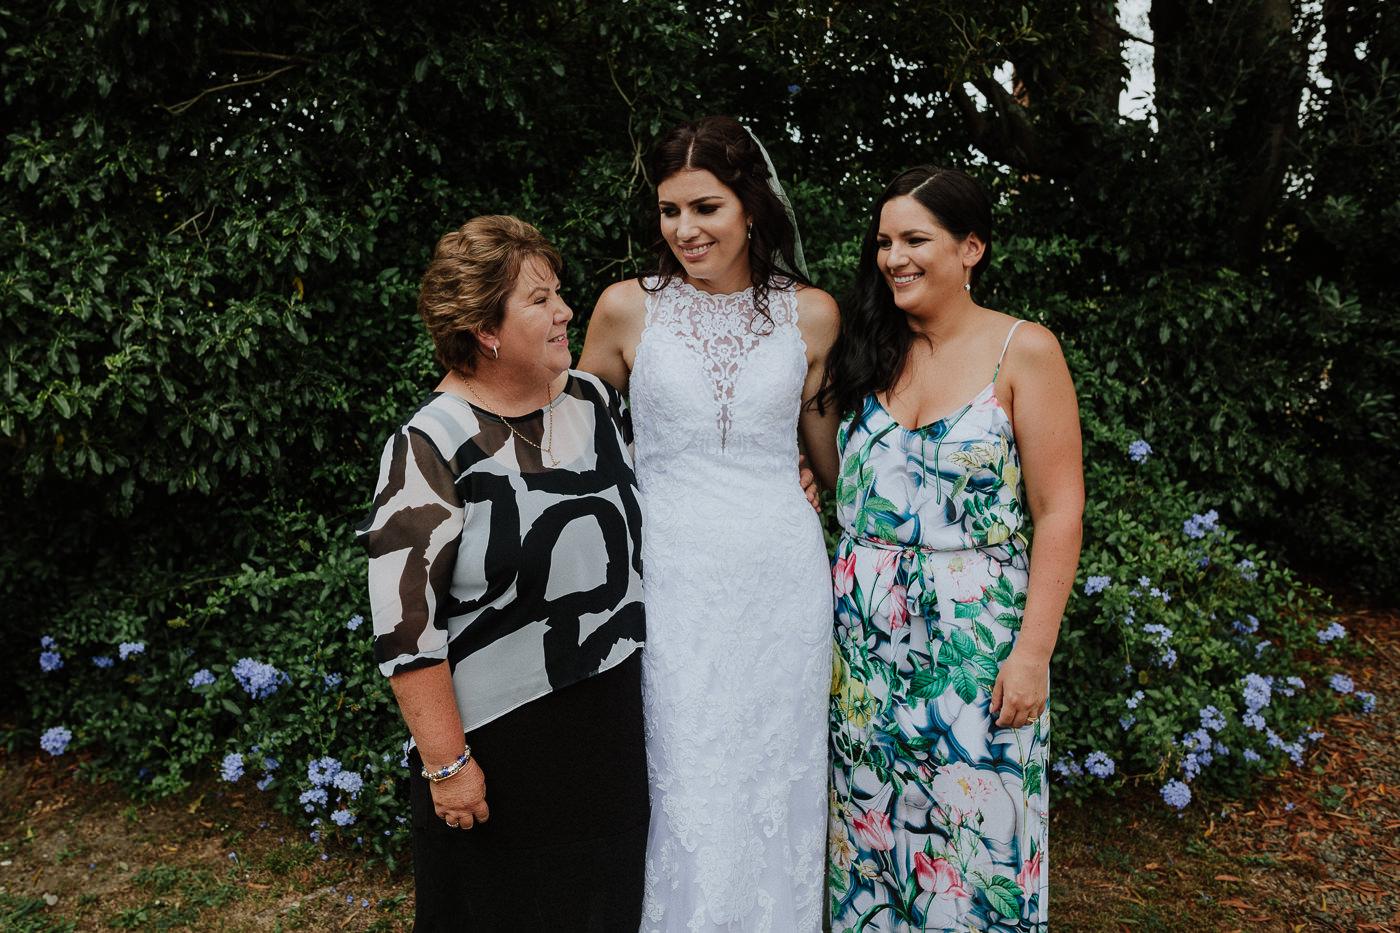 nz_wedding_photographer_gisborne-1069.jpg